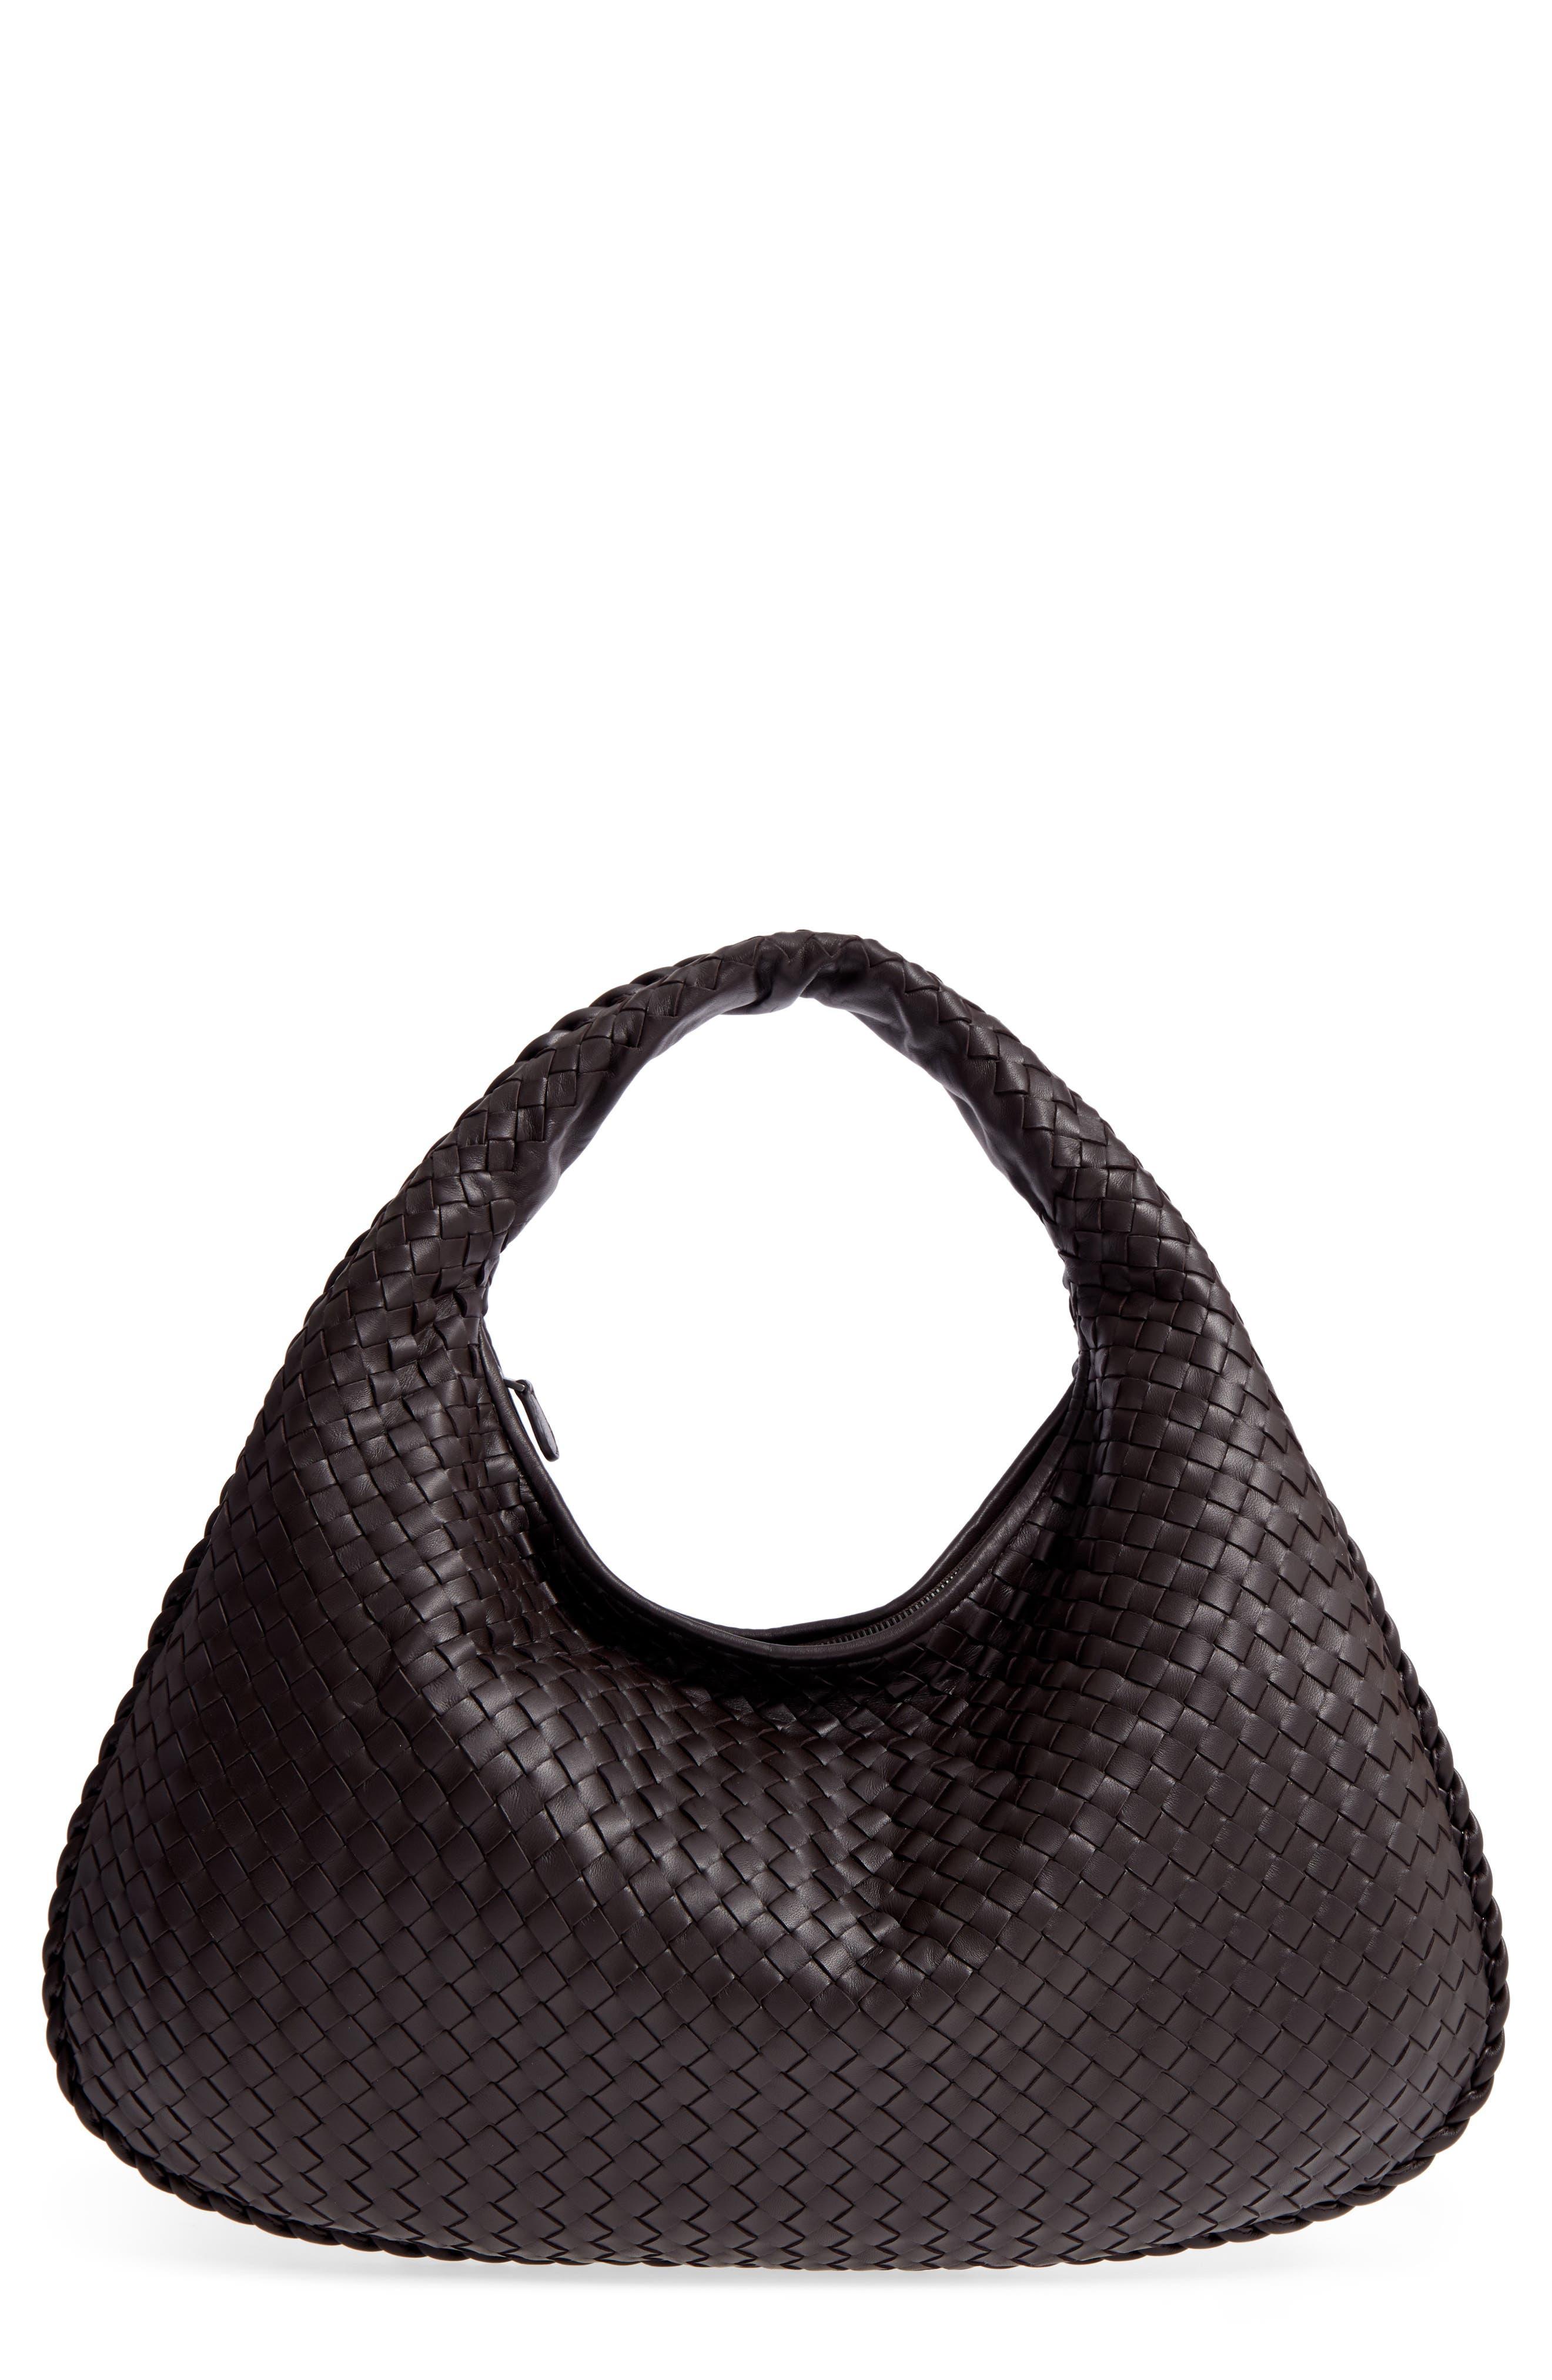 Large Veneta Leather Hobo,                         Main,                         color, 2074 Espresso